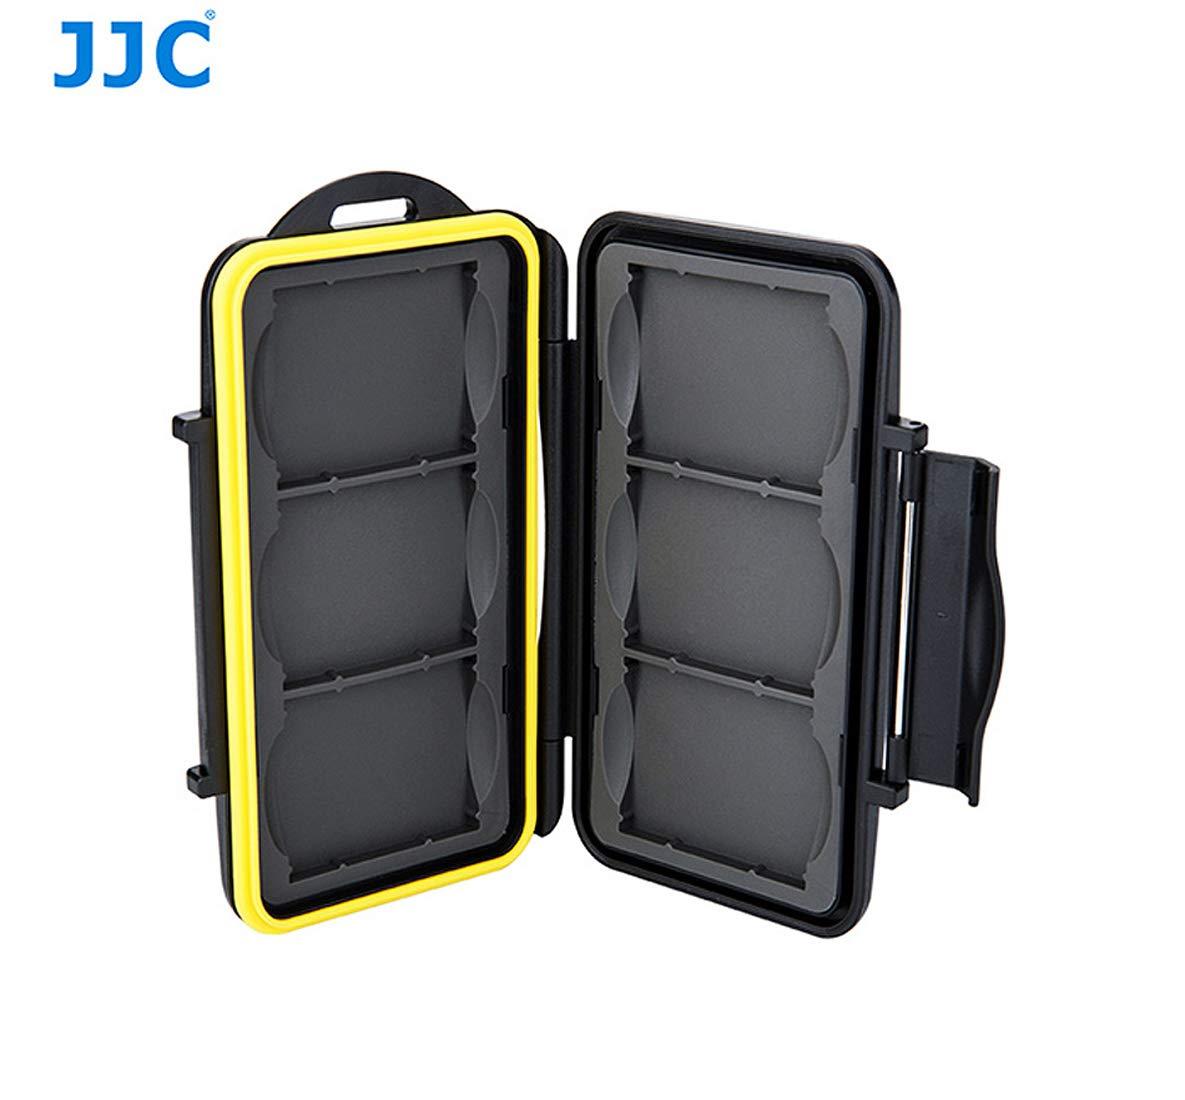 JJC - Custodia per schede di memoria (impermeabile), fino a 6 CompactFlash